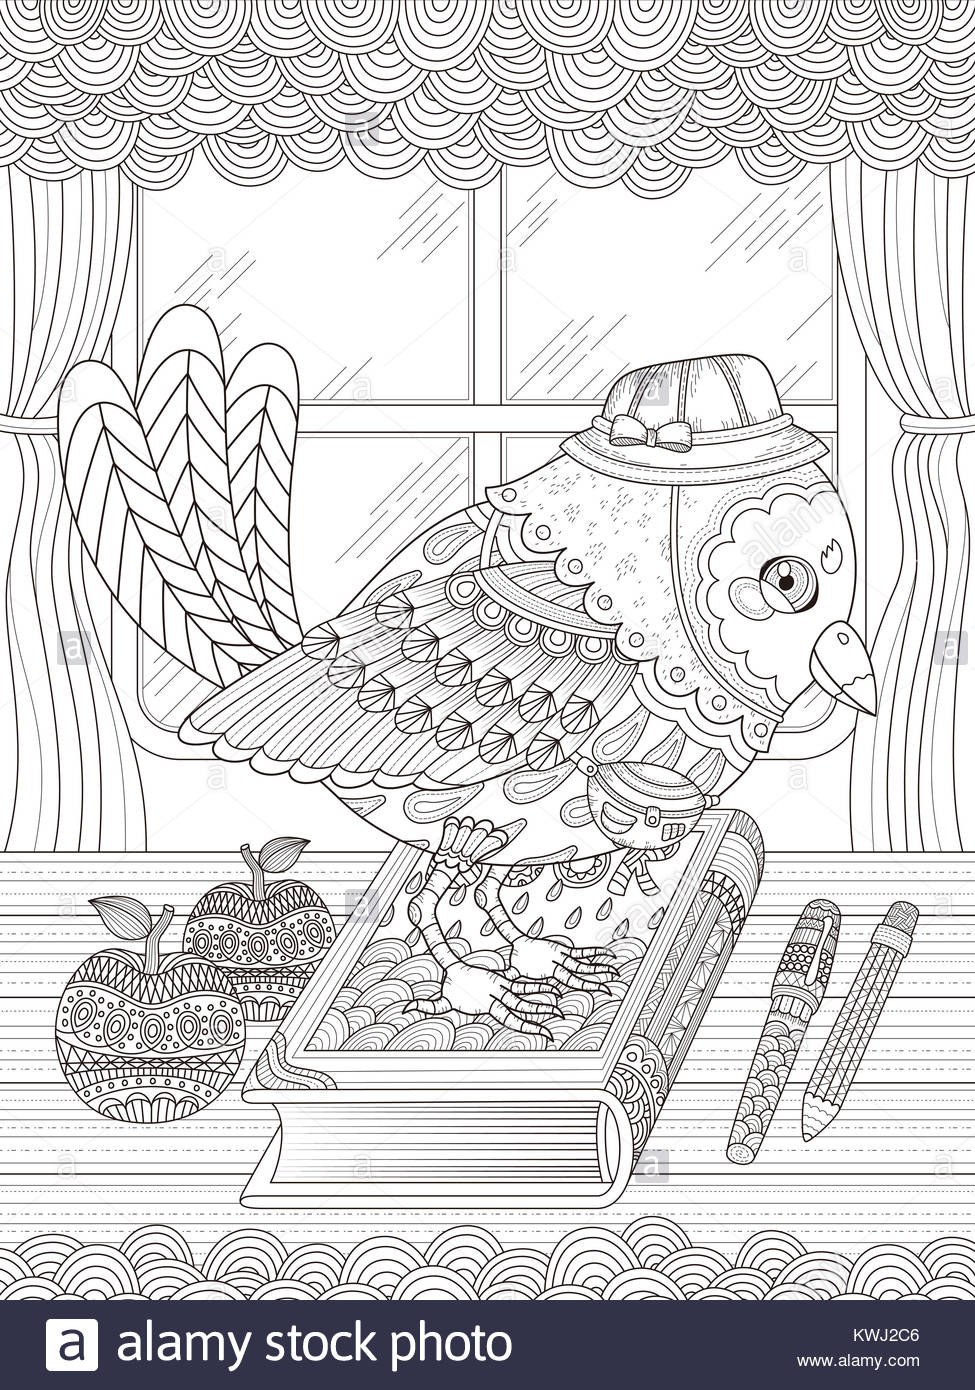 Gemütlich Tweety Vögel In Der Liebe Malvorlagen Bilder - Druckbare ...